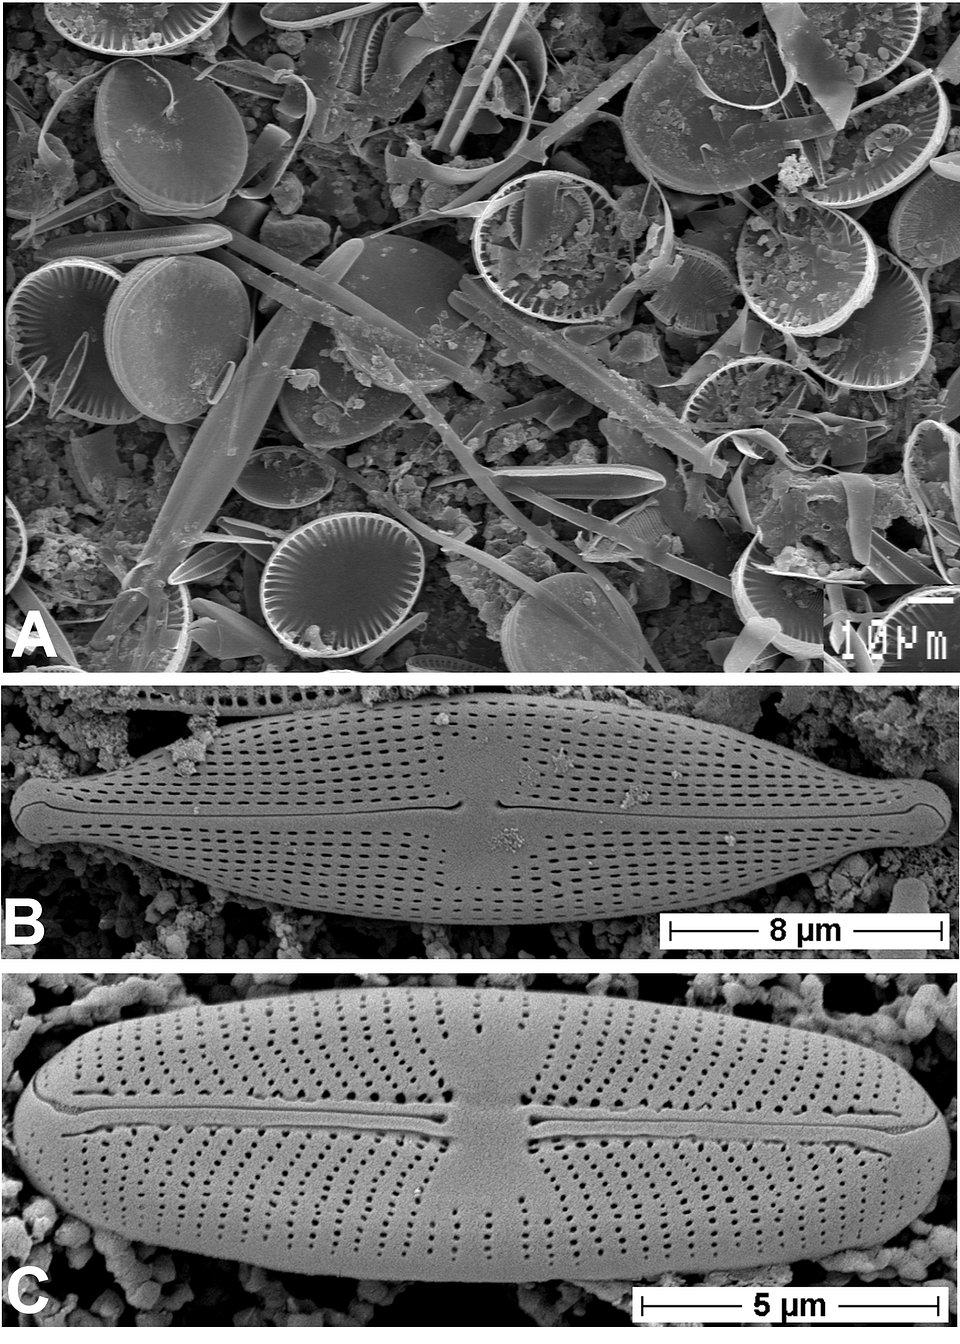 Fig. 2. Krzemionkowe skorupki okrzemek obserwowane w skaningowym mikroskopie elektronowym (SEM). A – zbiorowisko okrzemek, B – Navicula gregaria, C – Sellaphora pupula.